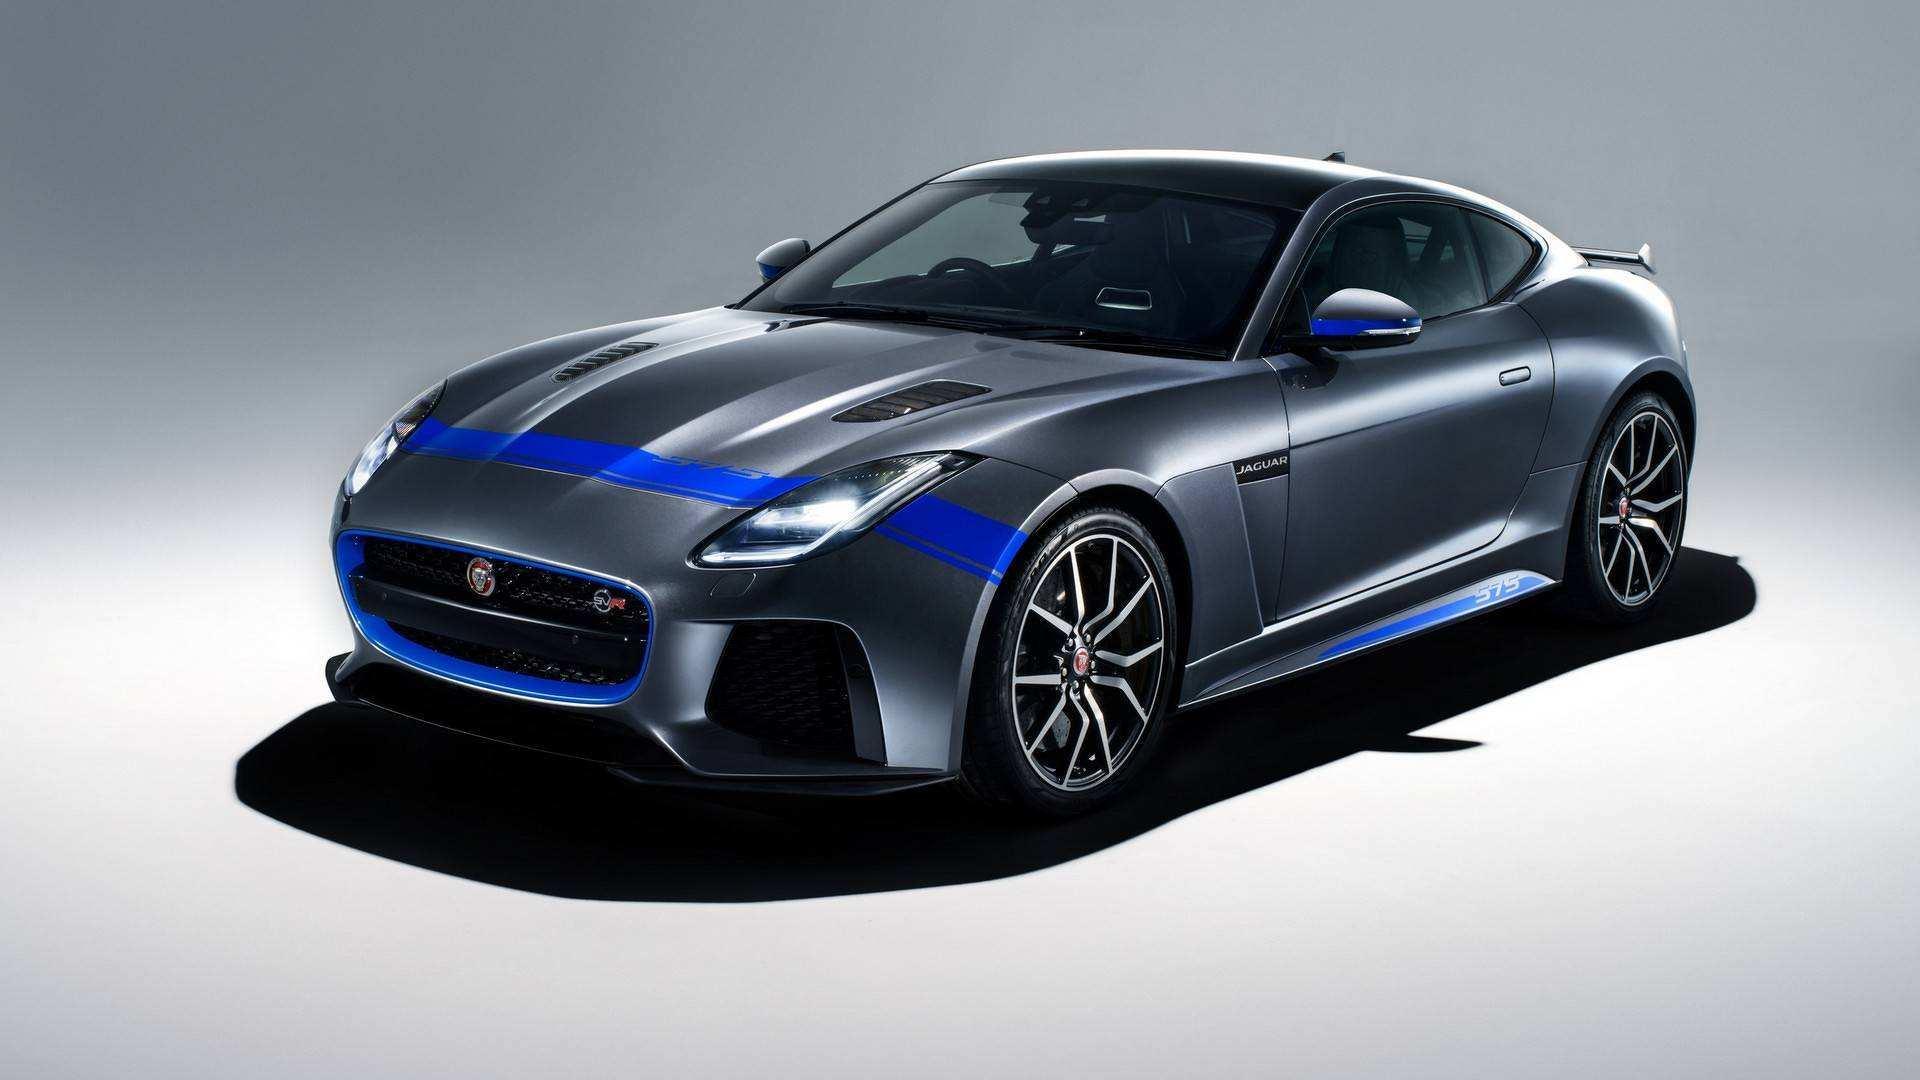 52 The Jaguar J 2020 New Concept with Jaguar J 2020